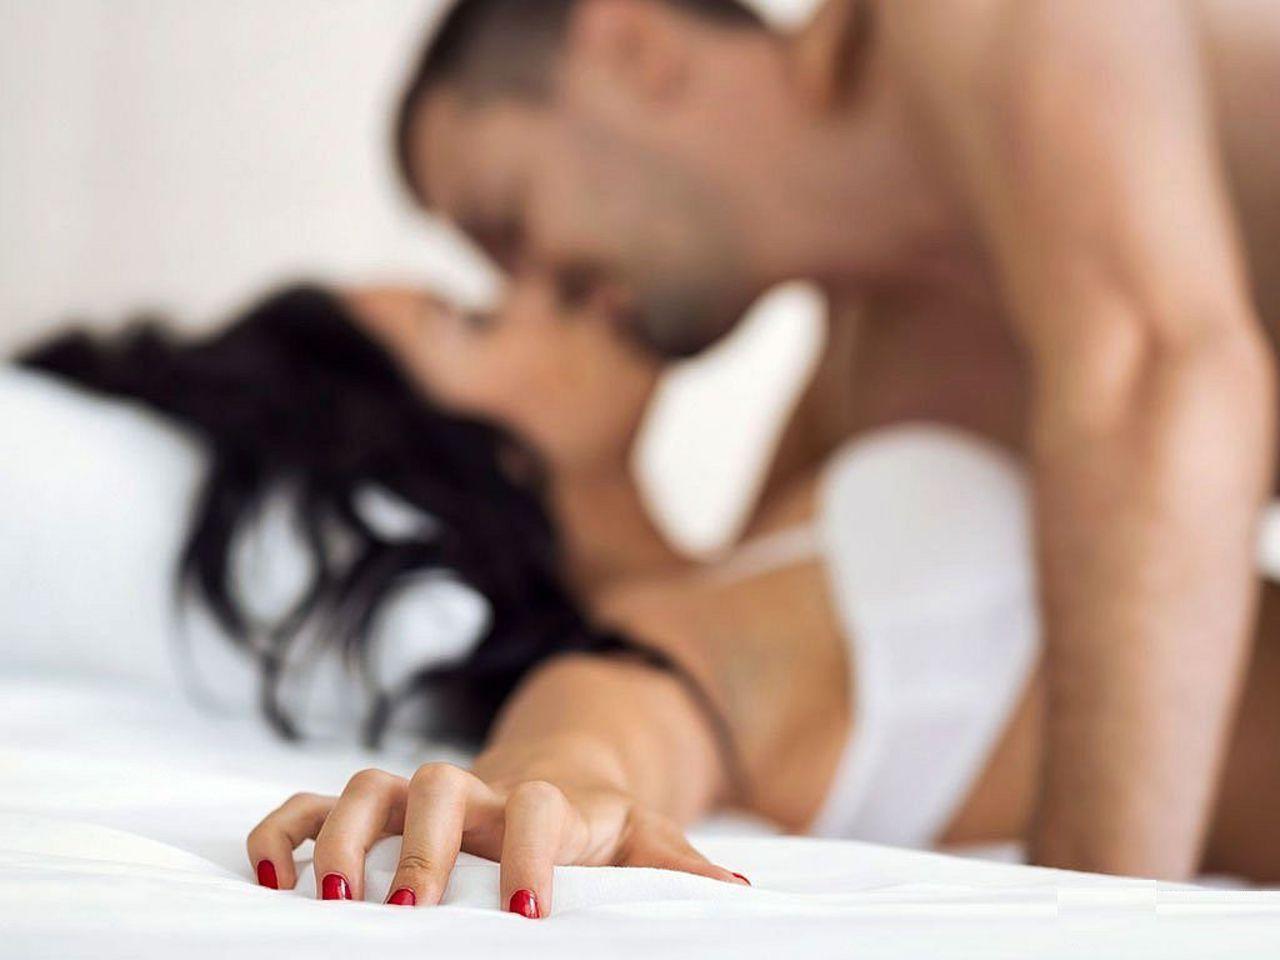 Секс в 10ром, Групповой секс, порно групповой секс, порно груповуха 16 фотография